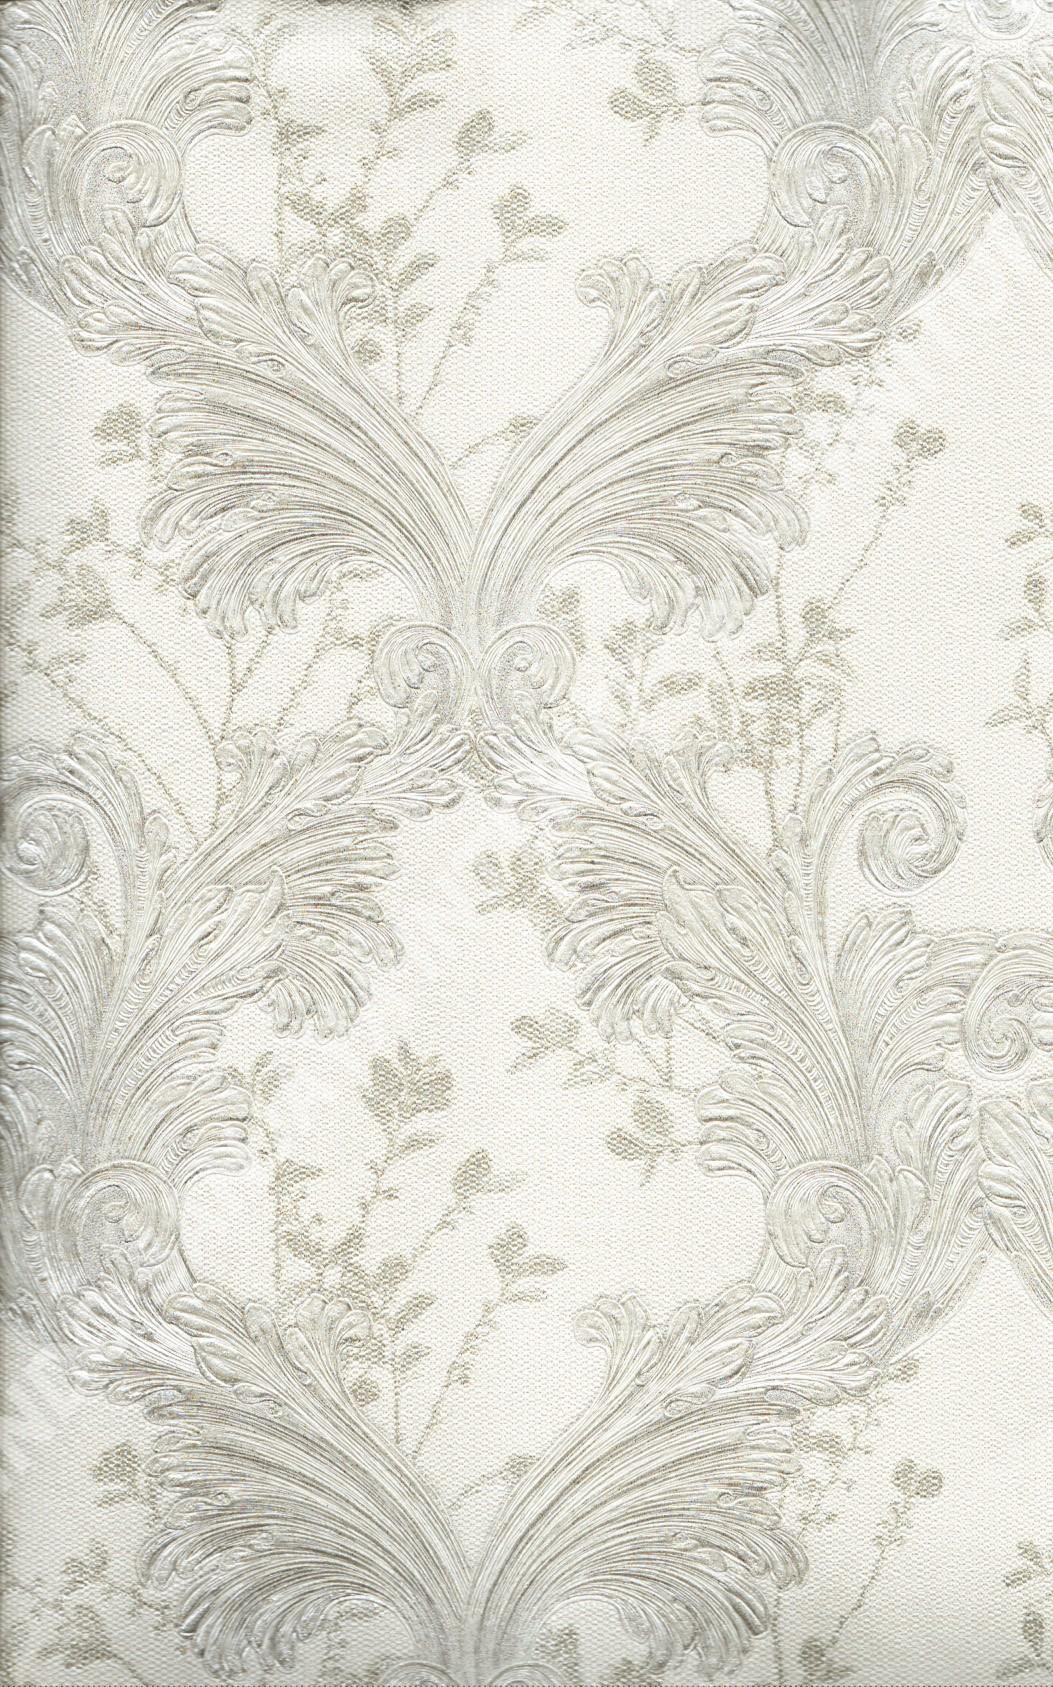 wallpaper   Wallpaper Klasik Batik (Damask) 87021:87021 corak  warna